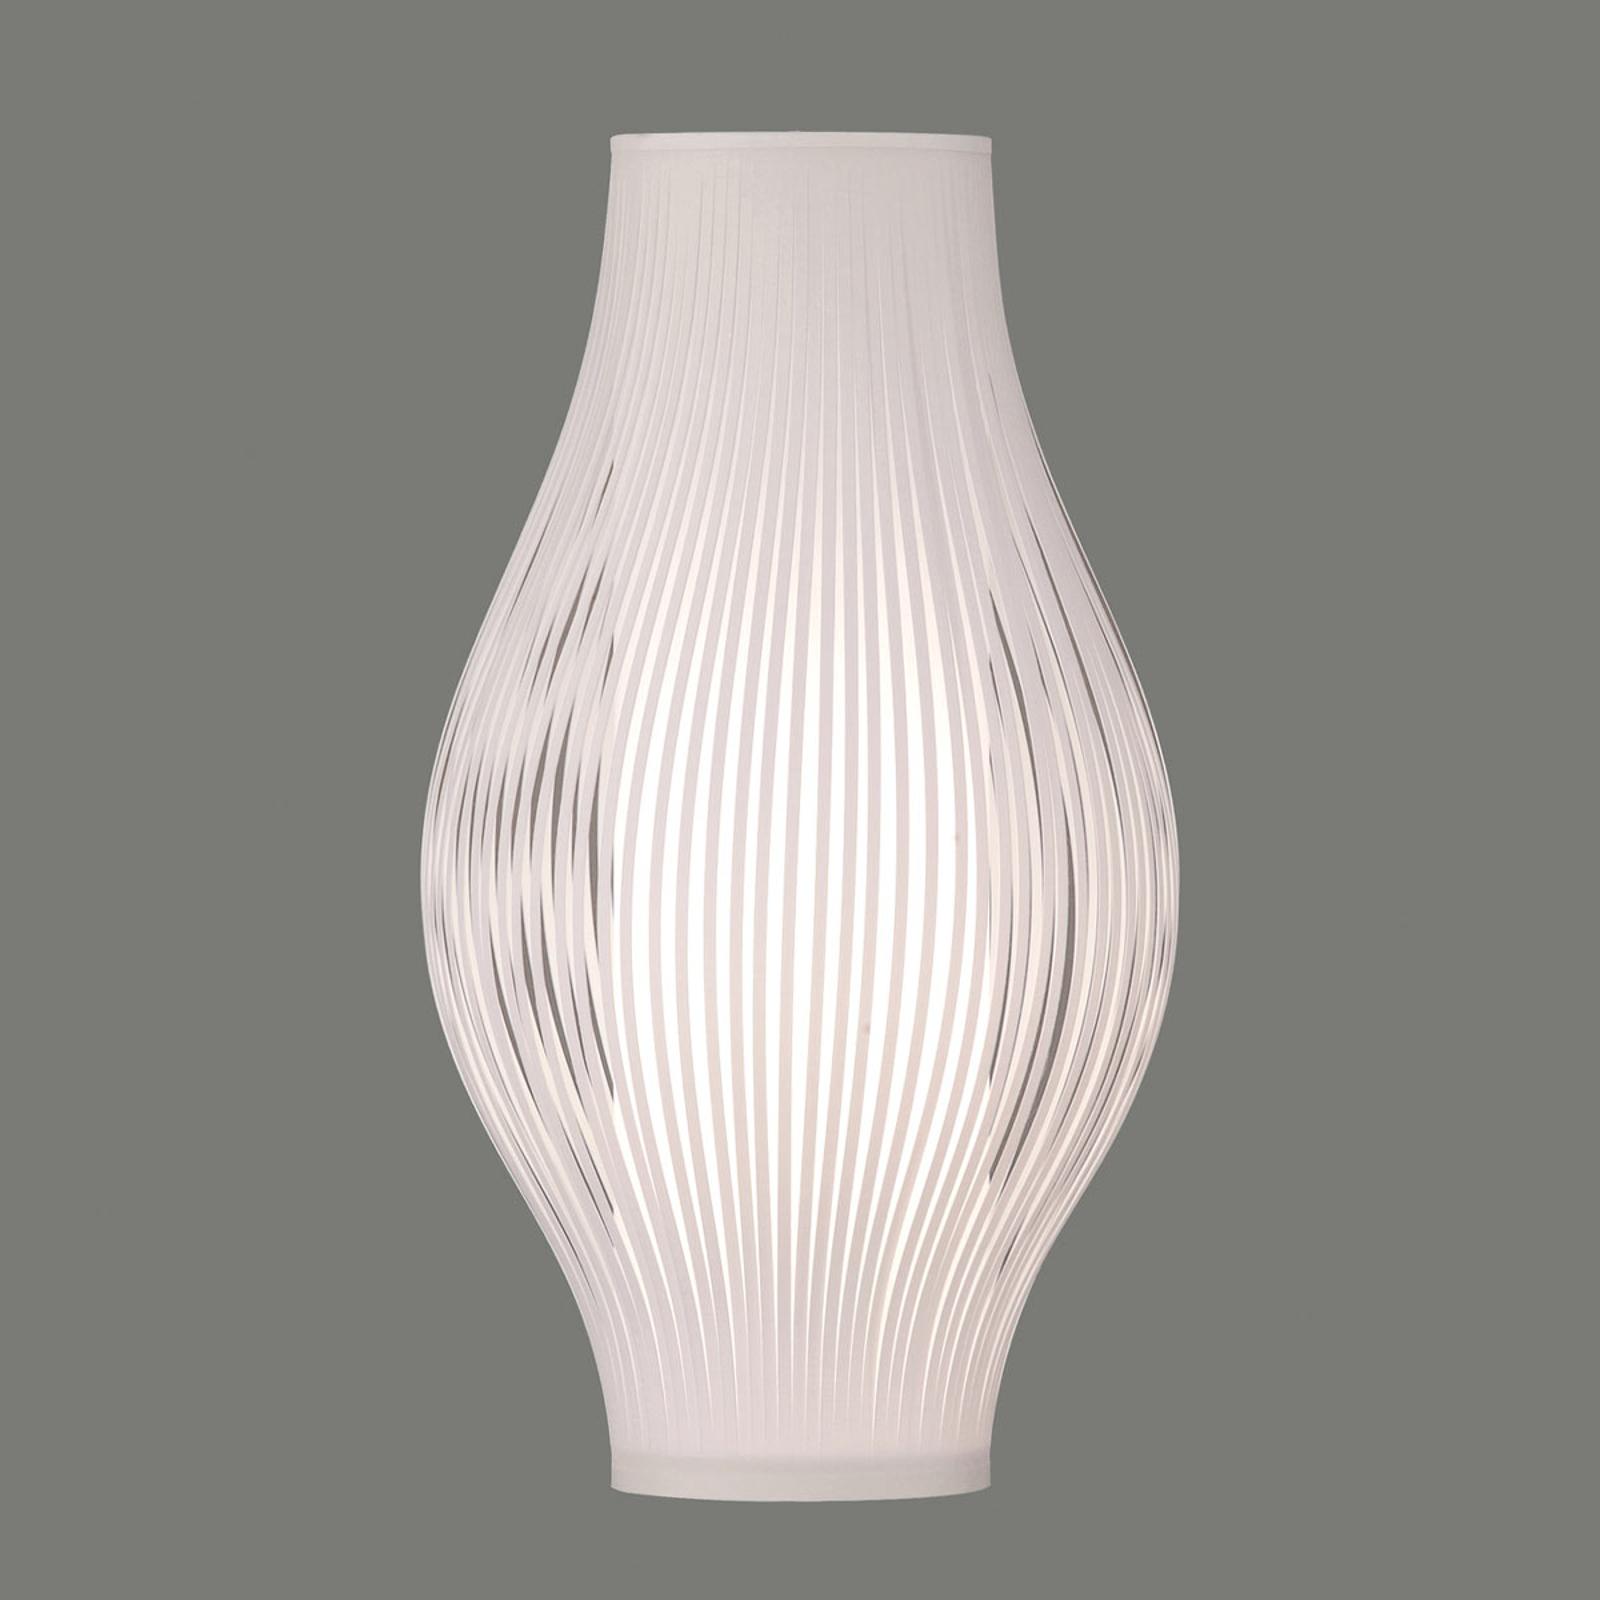 Tafellamp Murta, 51 cm, wit